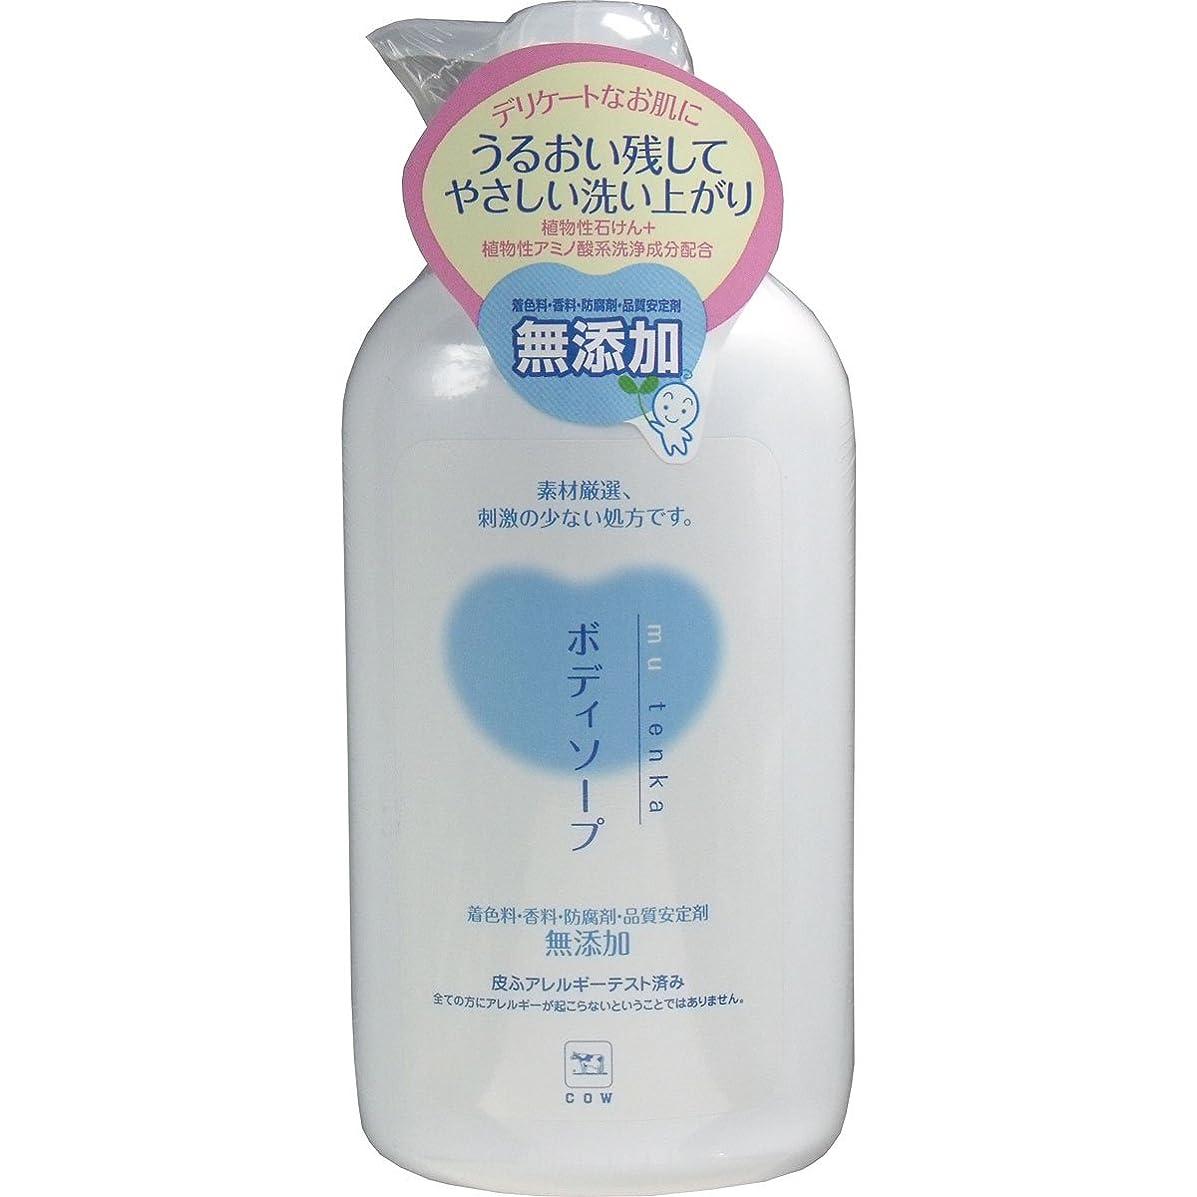 悲しいコールド生態学牛乳石鹸共進社 カウブランド 無添加ボディソープ ポンプ 550ml 本体 ×12点セット (4901525929707)